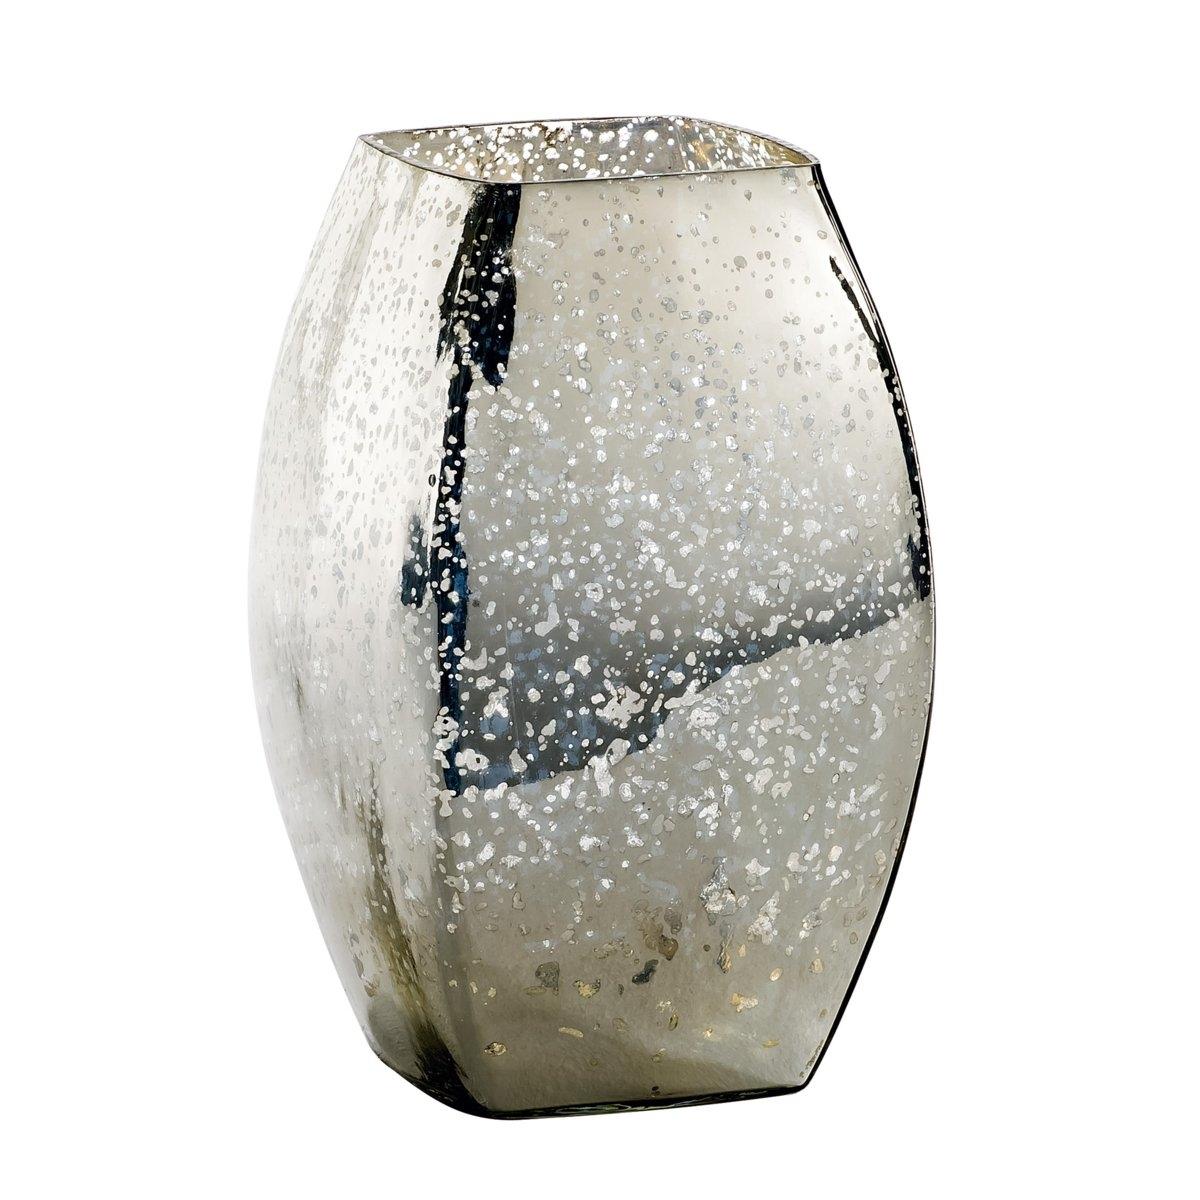 Ваза декоративная из стекла с напылением, EldaХарактеристики декоративной вазы из  стекла с напылением Elda    :Стекло с напылением.Найдите другие вазы и предметы декора. на сайте laredoute.ruРазмеры декоративной вазы с напылением Elda :Диаметр: 15 смВысота : 25 см.<br><br>Цвет: серый серебристый